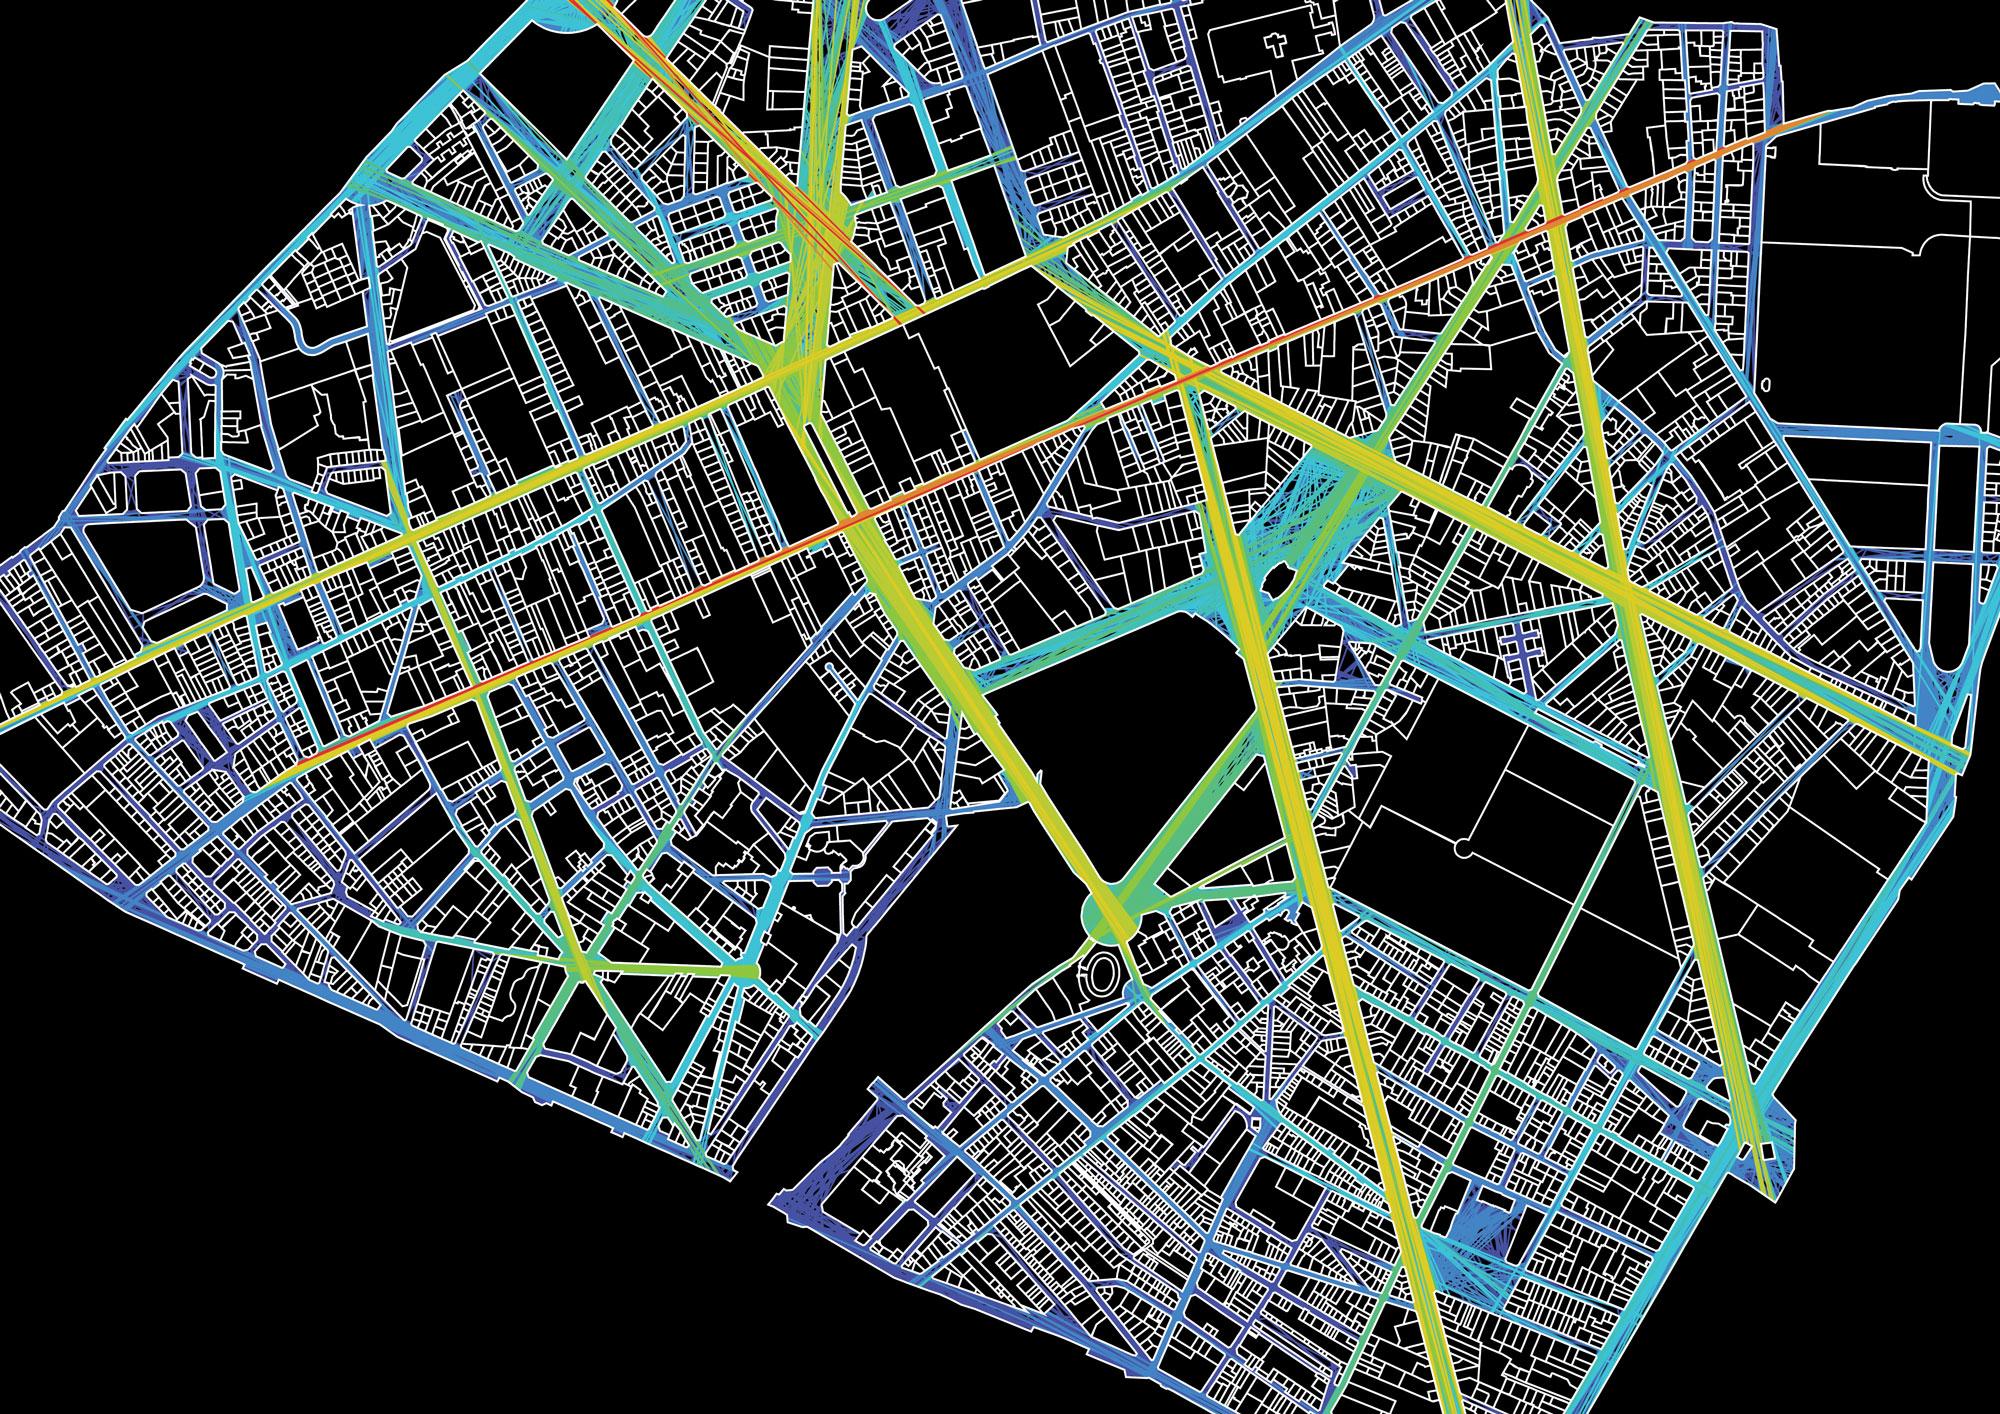 Maine-Montparnasse Urban Regeneration, Spatial Analysis of Proposed Master Plan